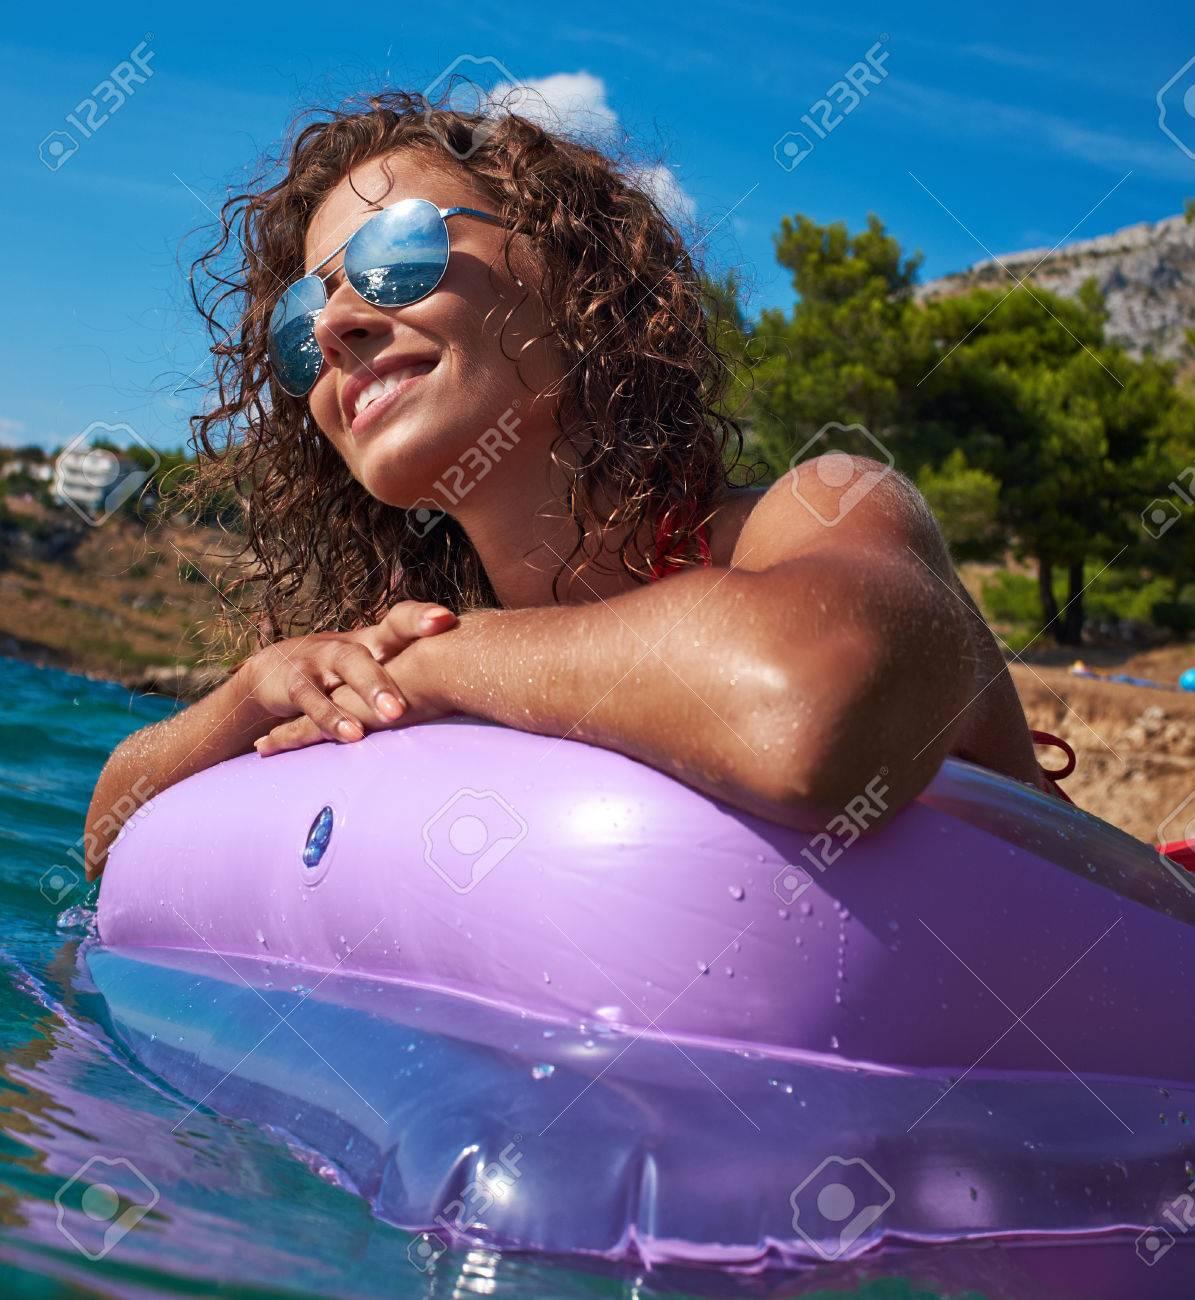 Mädchen auf einer Matratze in der Adria schwimm Standard-Bild - 37234493